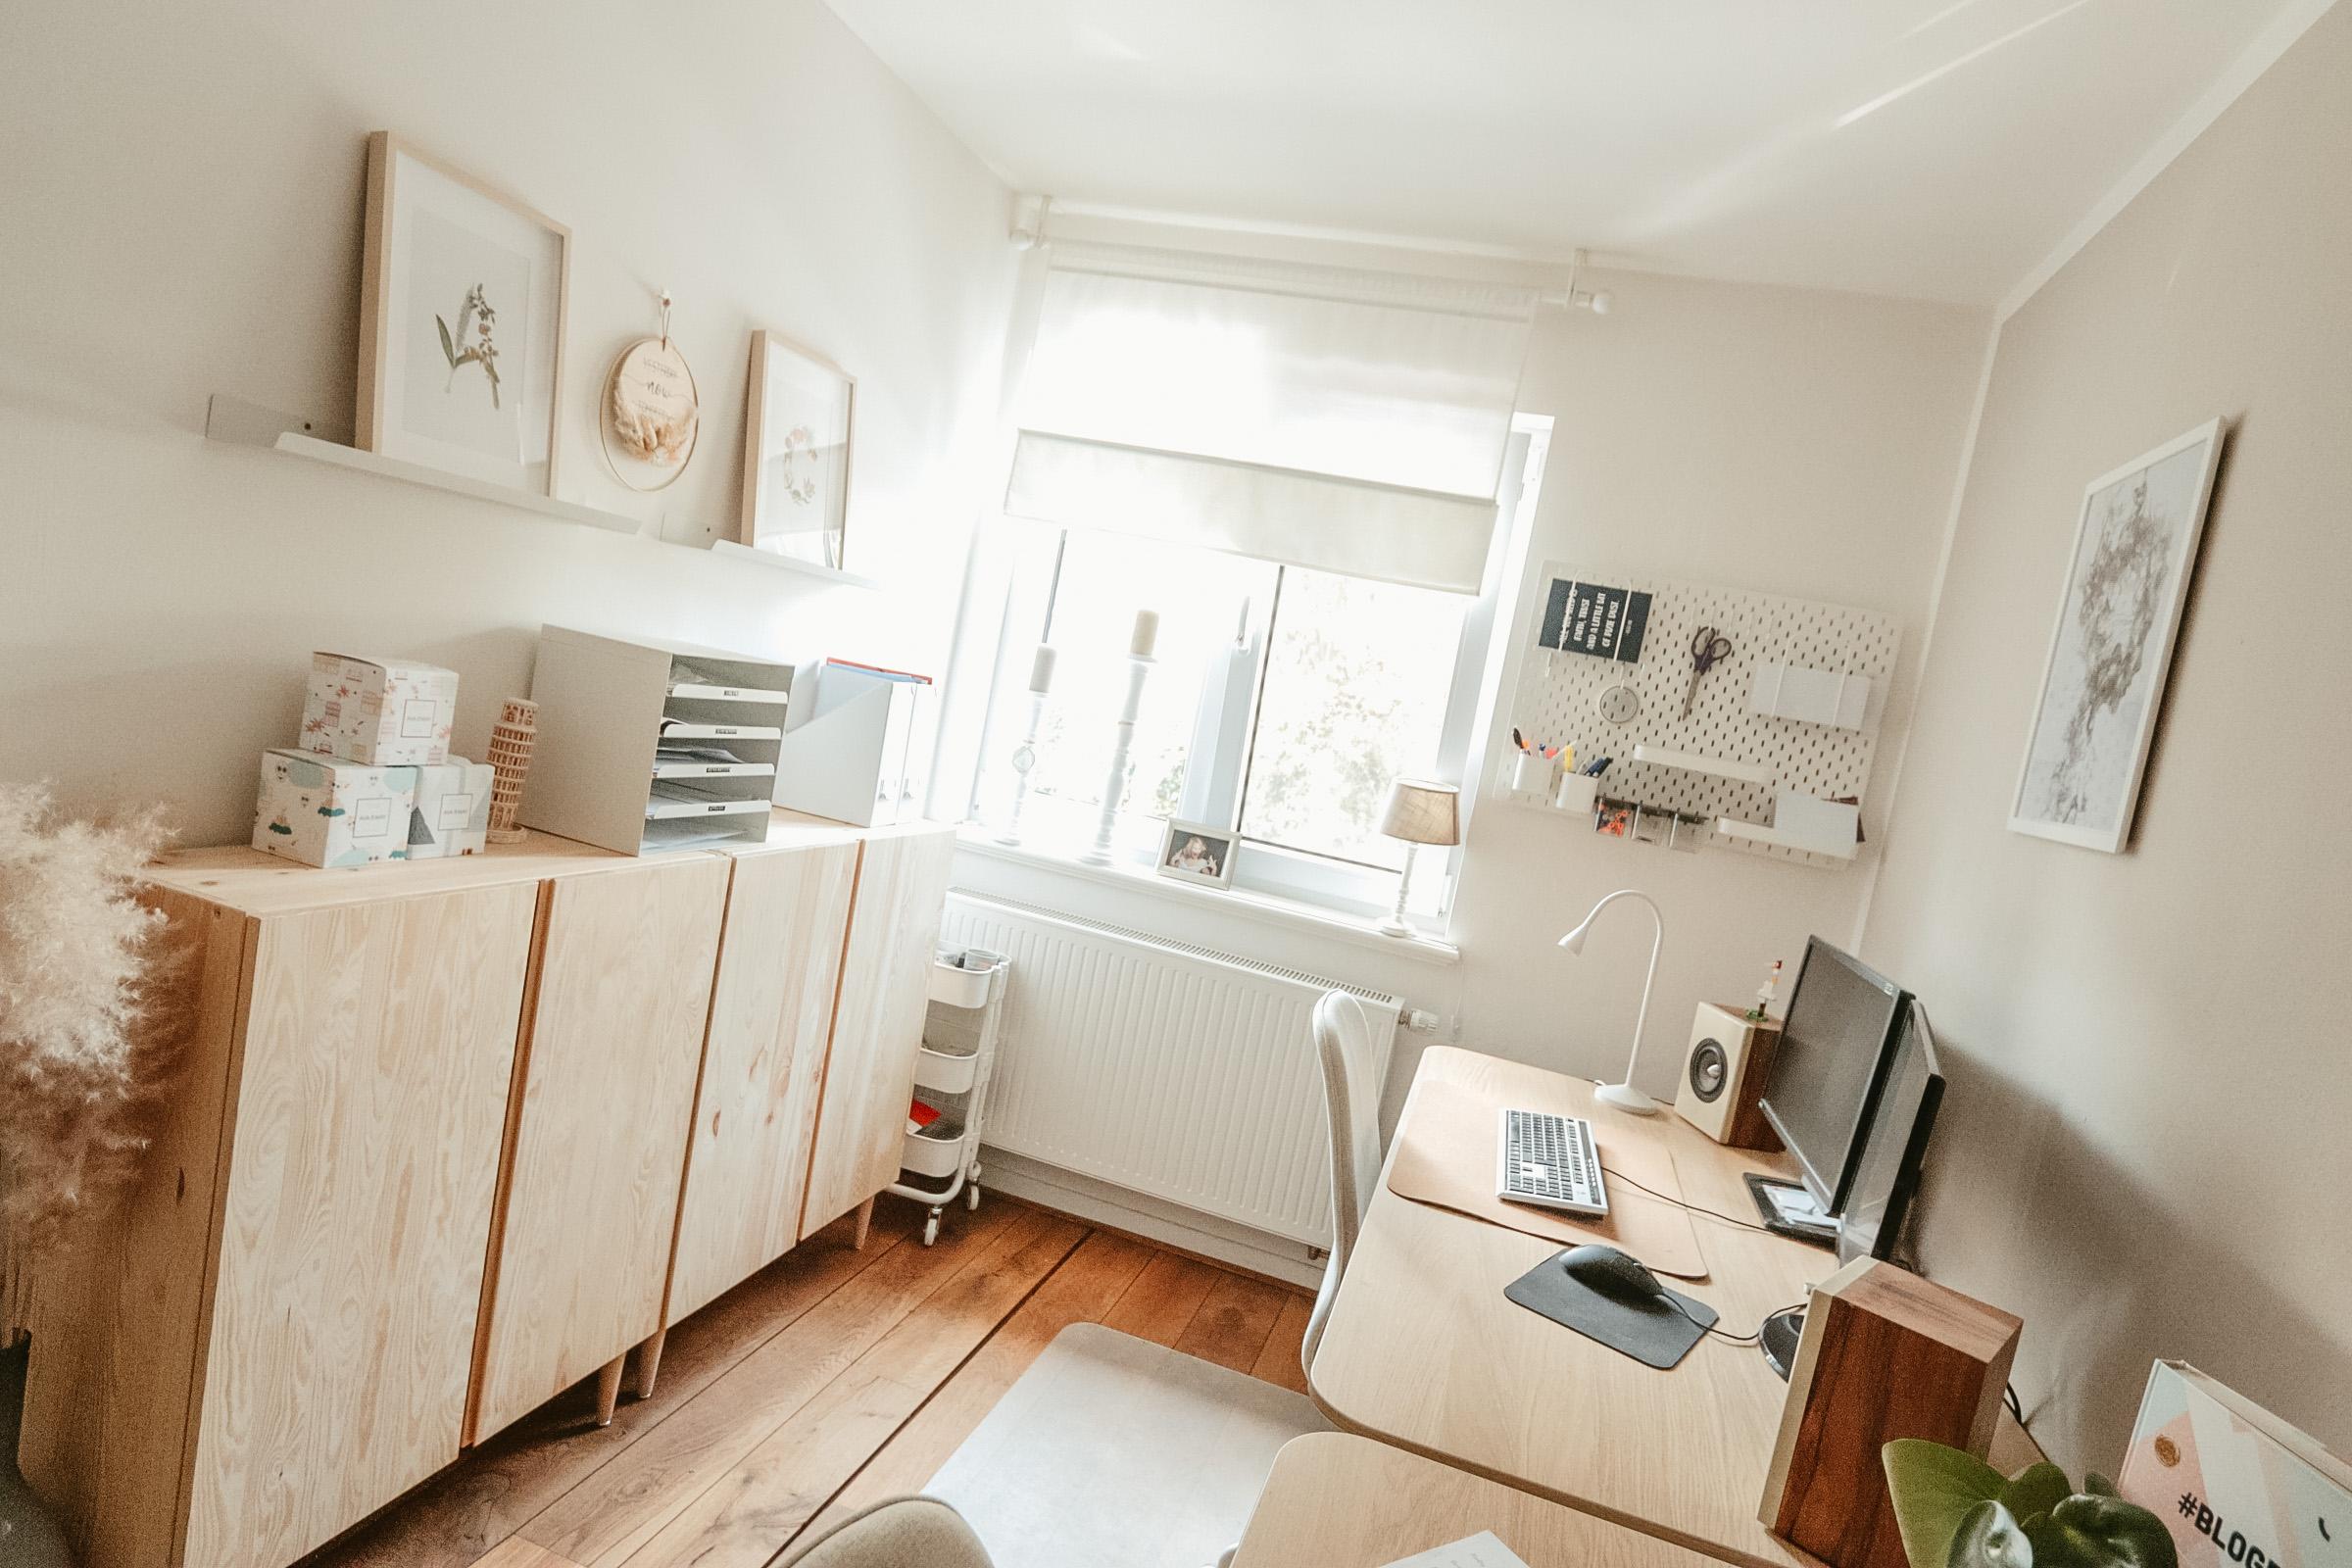 Helles freundliches Büro im Scandi Stil. Erdtöne und Naturmaterialein